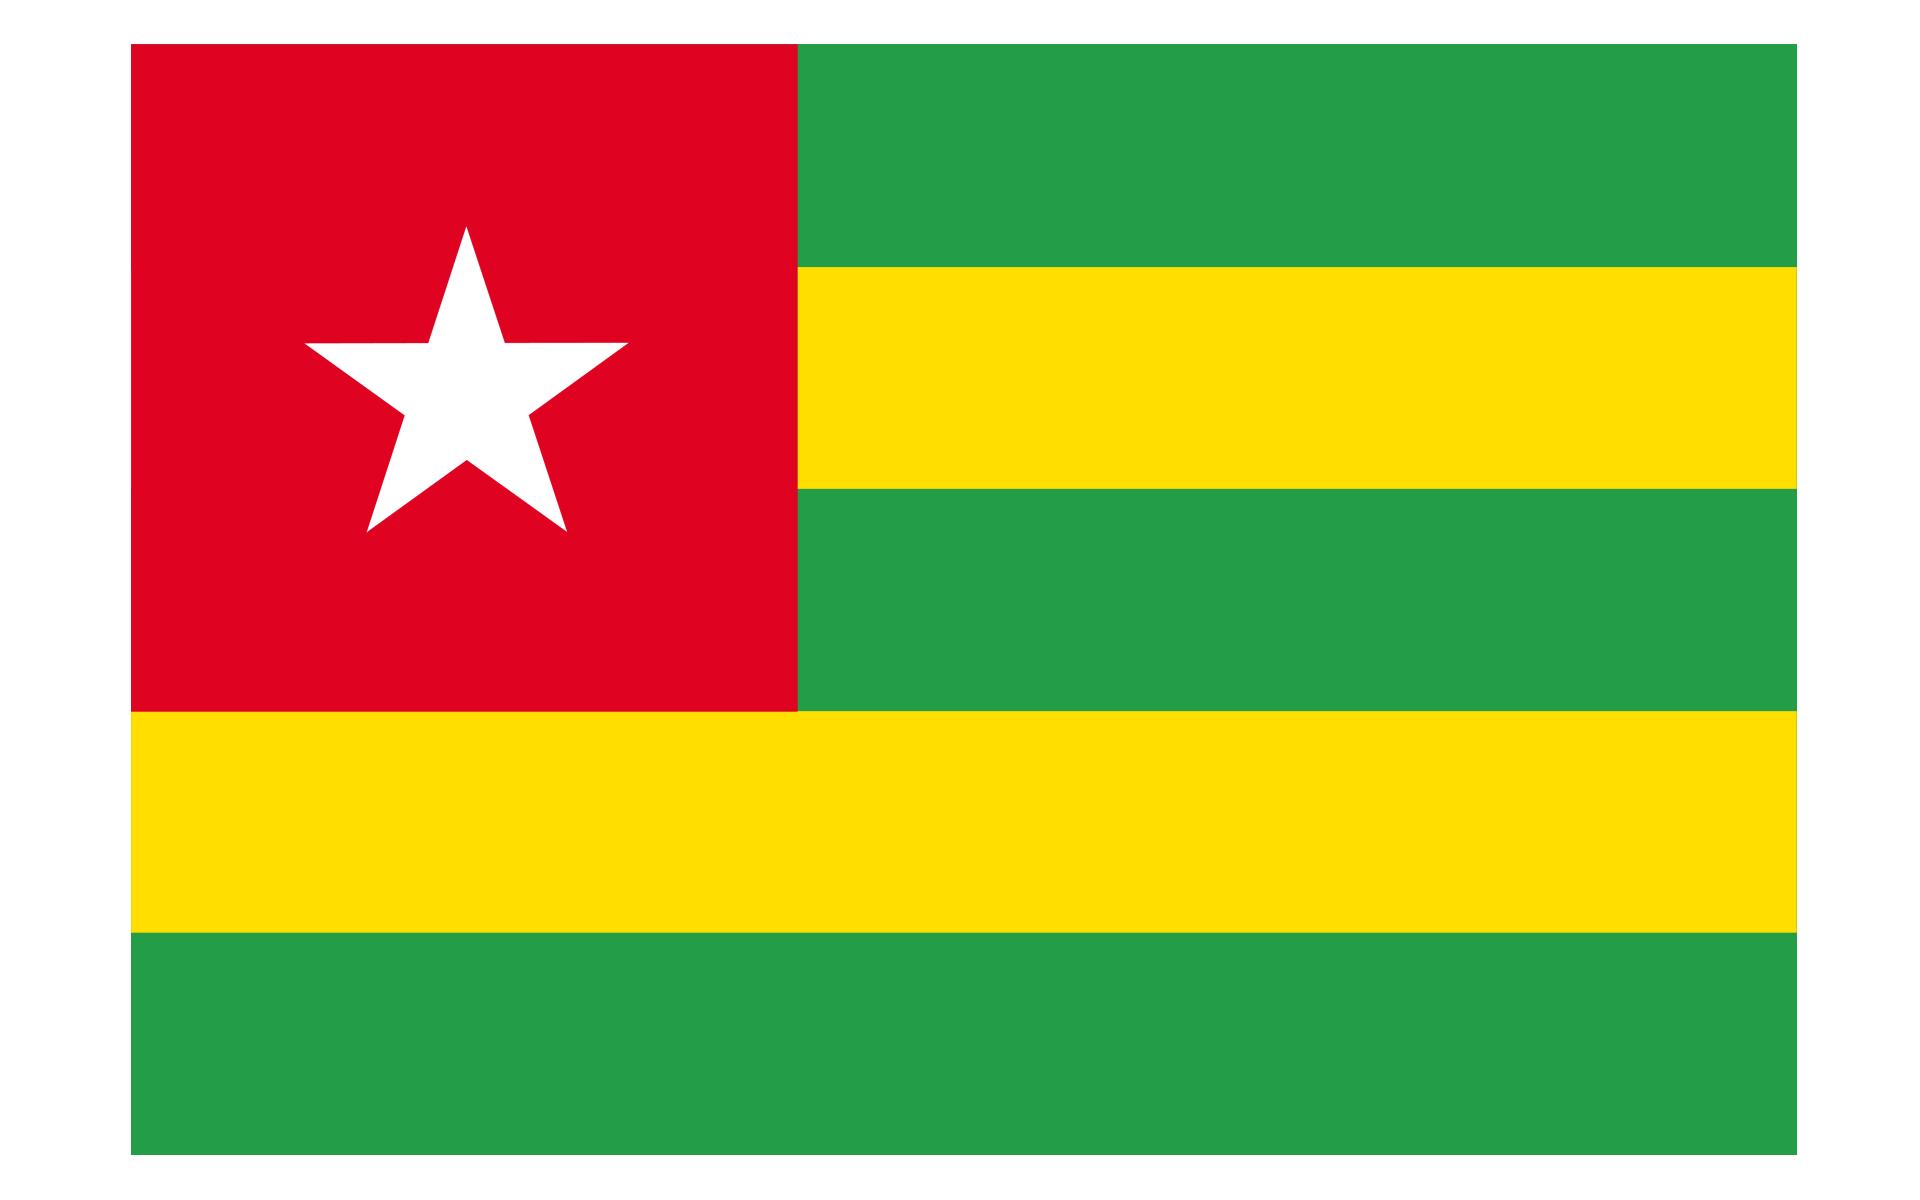 旗 旗帜 旗子 设计 矢量 矢量图 素材 1920_1200